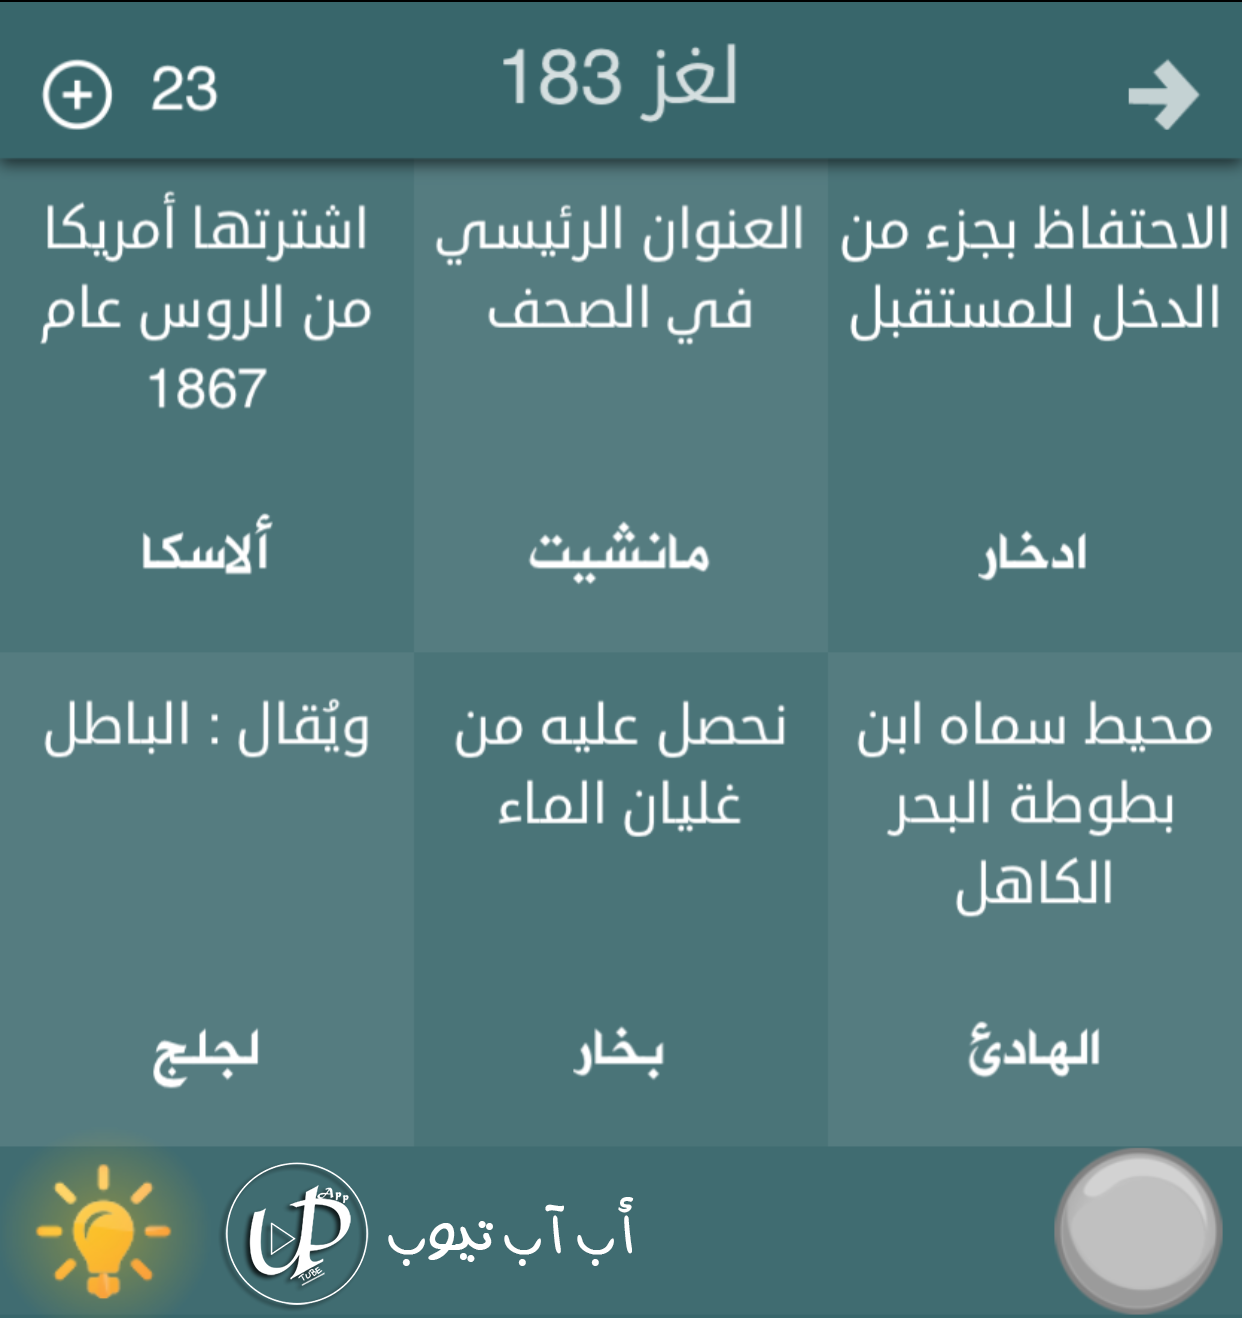 حل لعبة فطحل العرب معلومات عامة المجموعة العاشرة من لغز